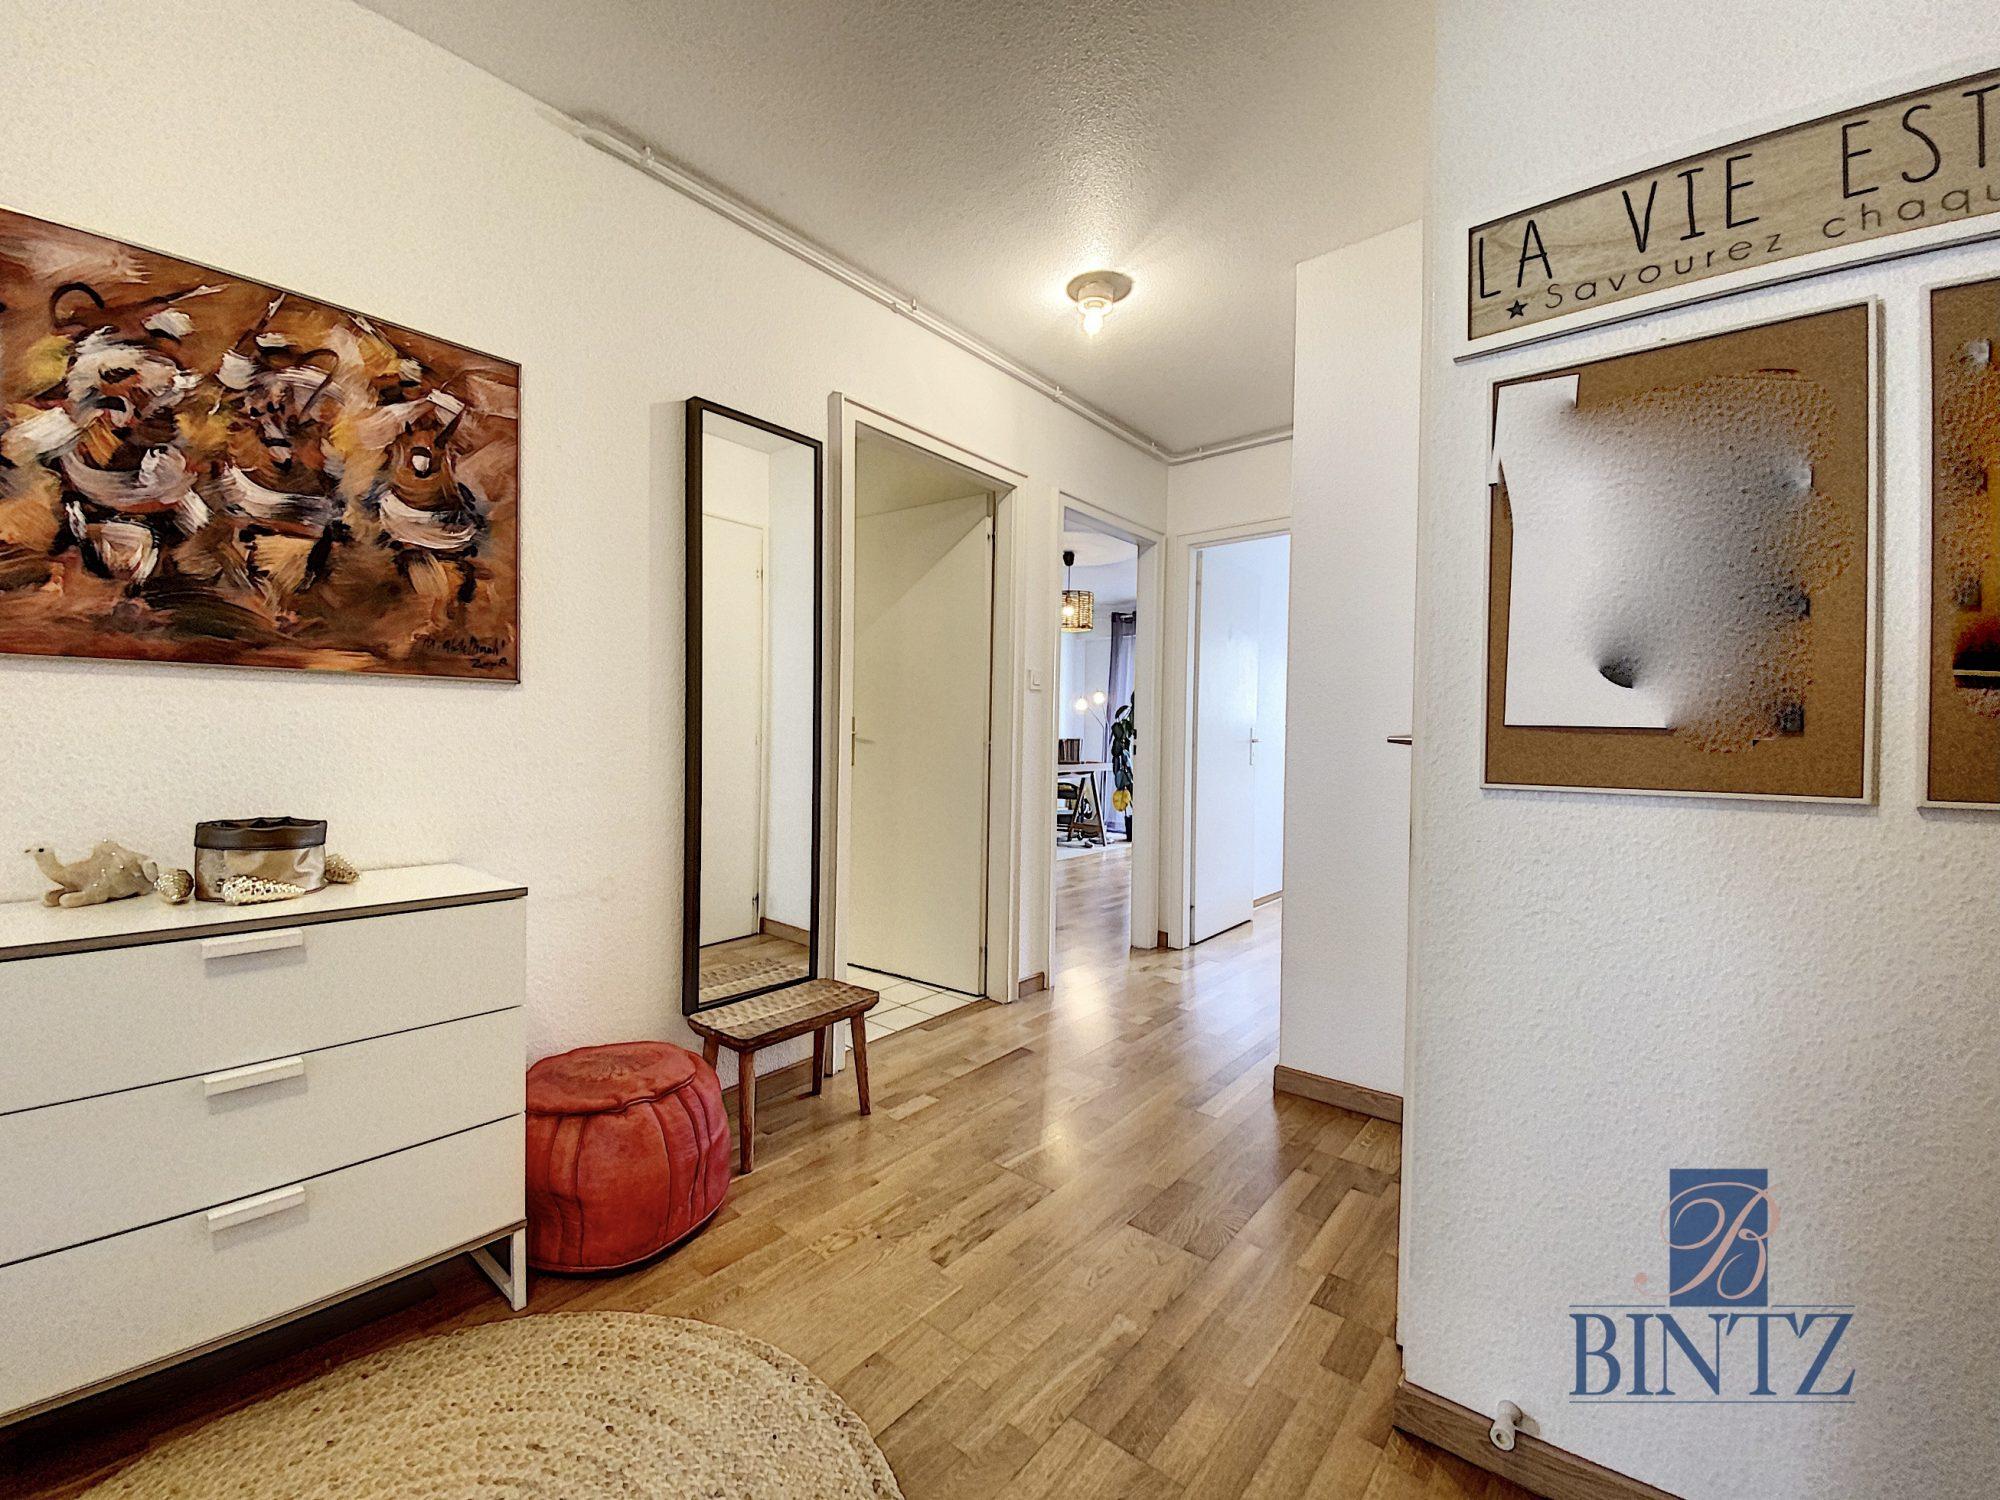 3 PIÈCES NEUSTADT AVEC GARAGE - Devenez locataire en toute sérénité - Bintz Immobilier - 16